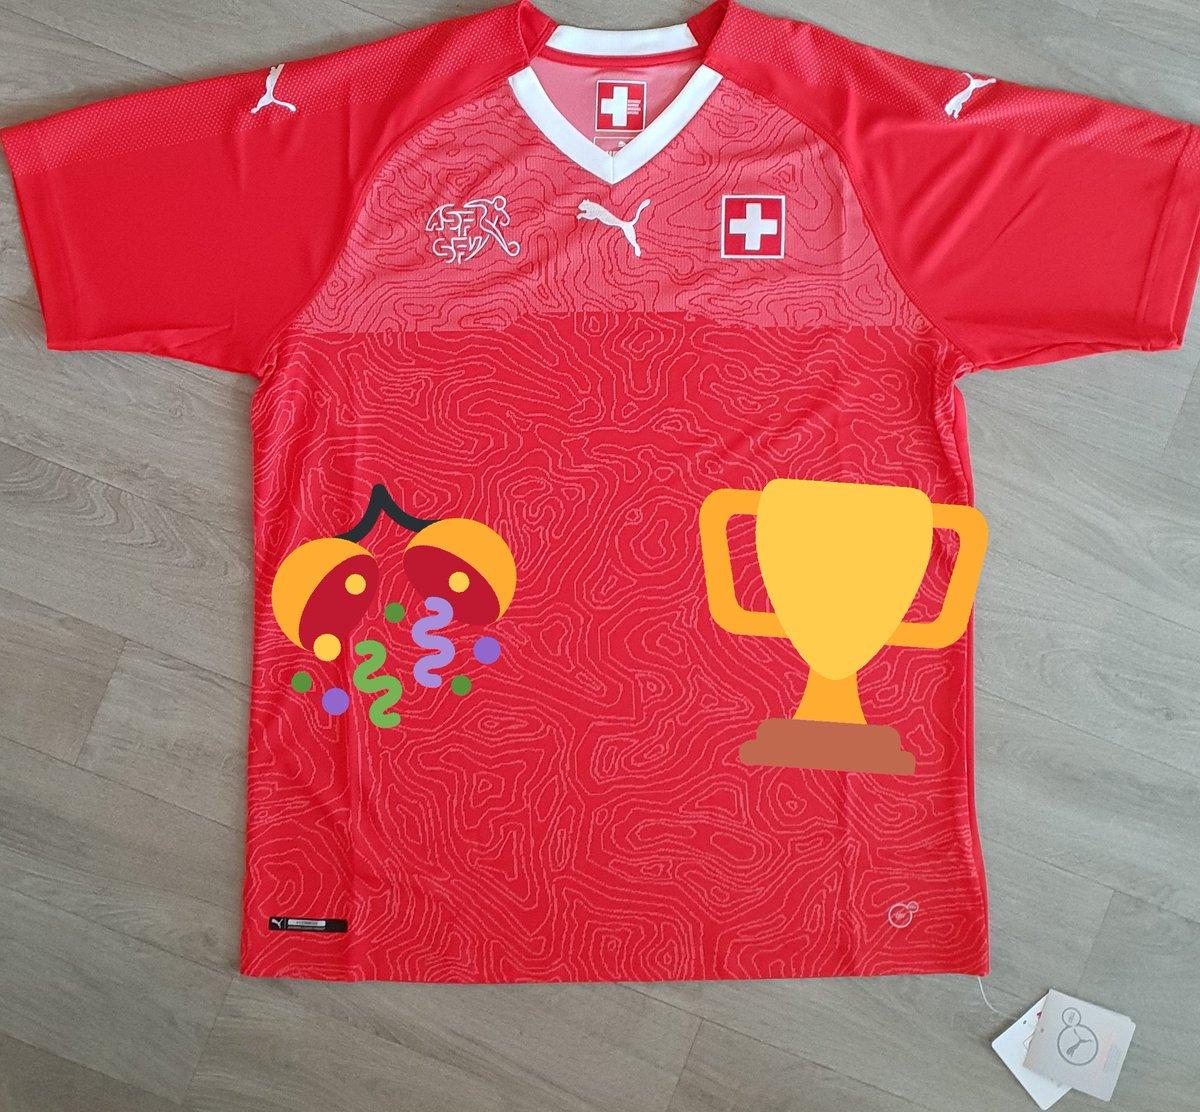 #cestThibaudcestKDO A loccasion de #BRA #SUI, le maillot de la #Suisse est à gagner. ➡ RT + Follow ⬅️ (taille L) #WorldCup @pumafootball #NewLevels